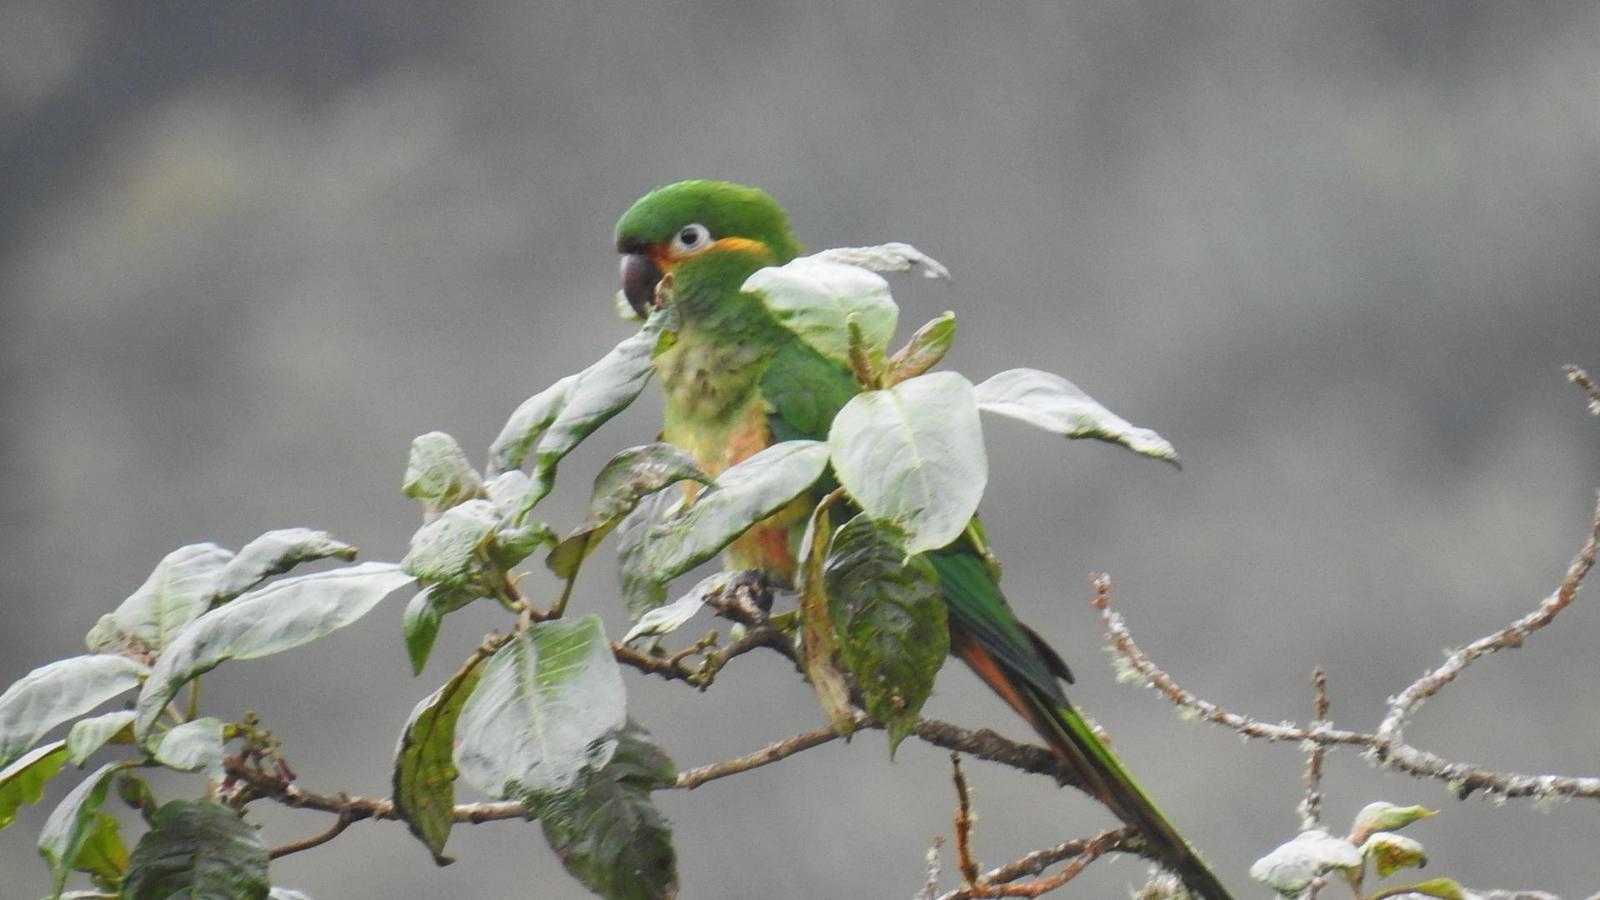 Golden-plumed Parakeet Photo by Julio Delgado